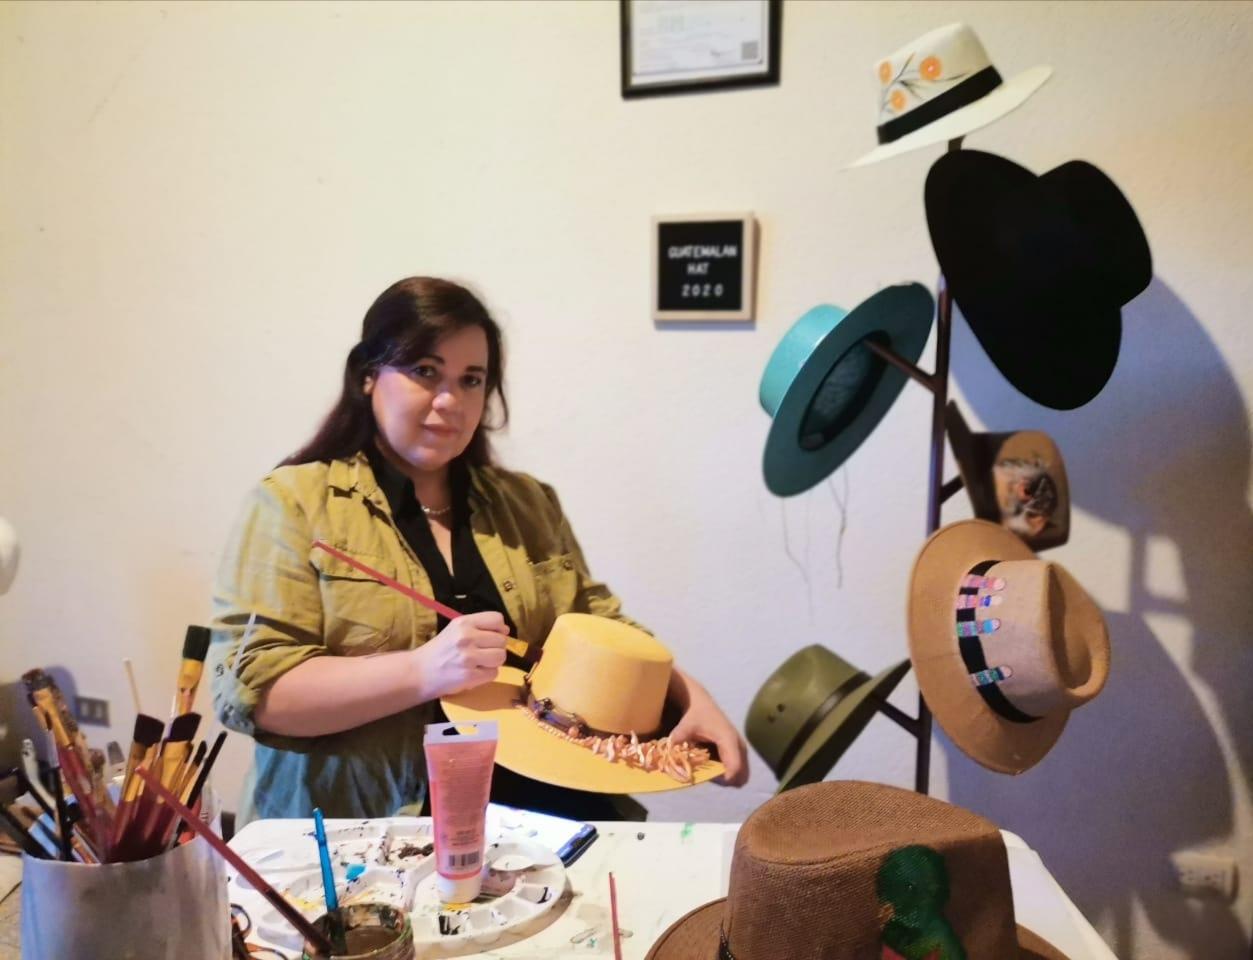 Patricia Ortega y su emprendimiento de sombreros personalizados